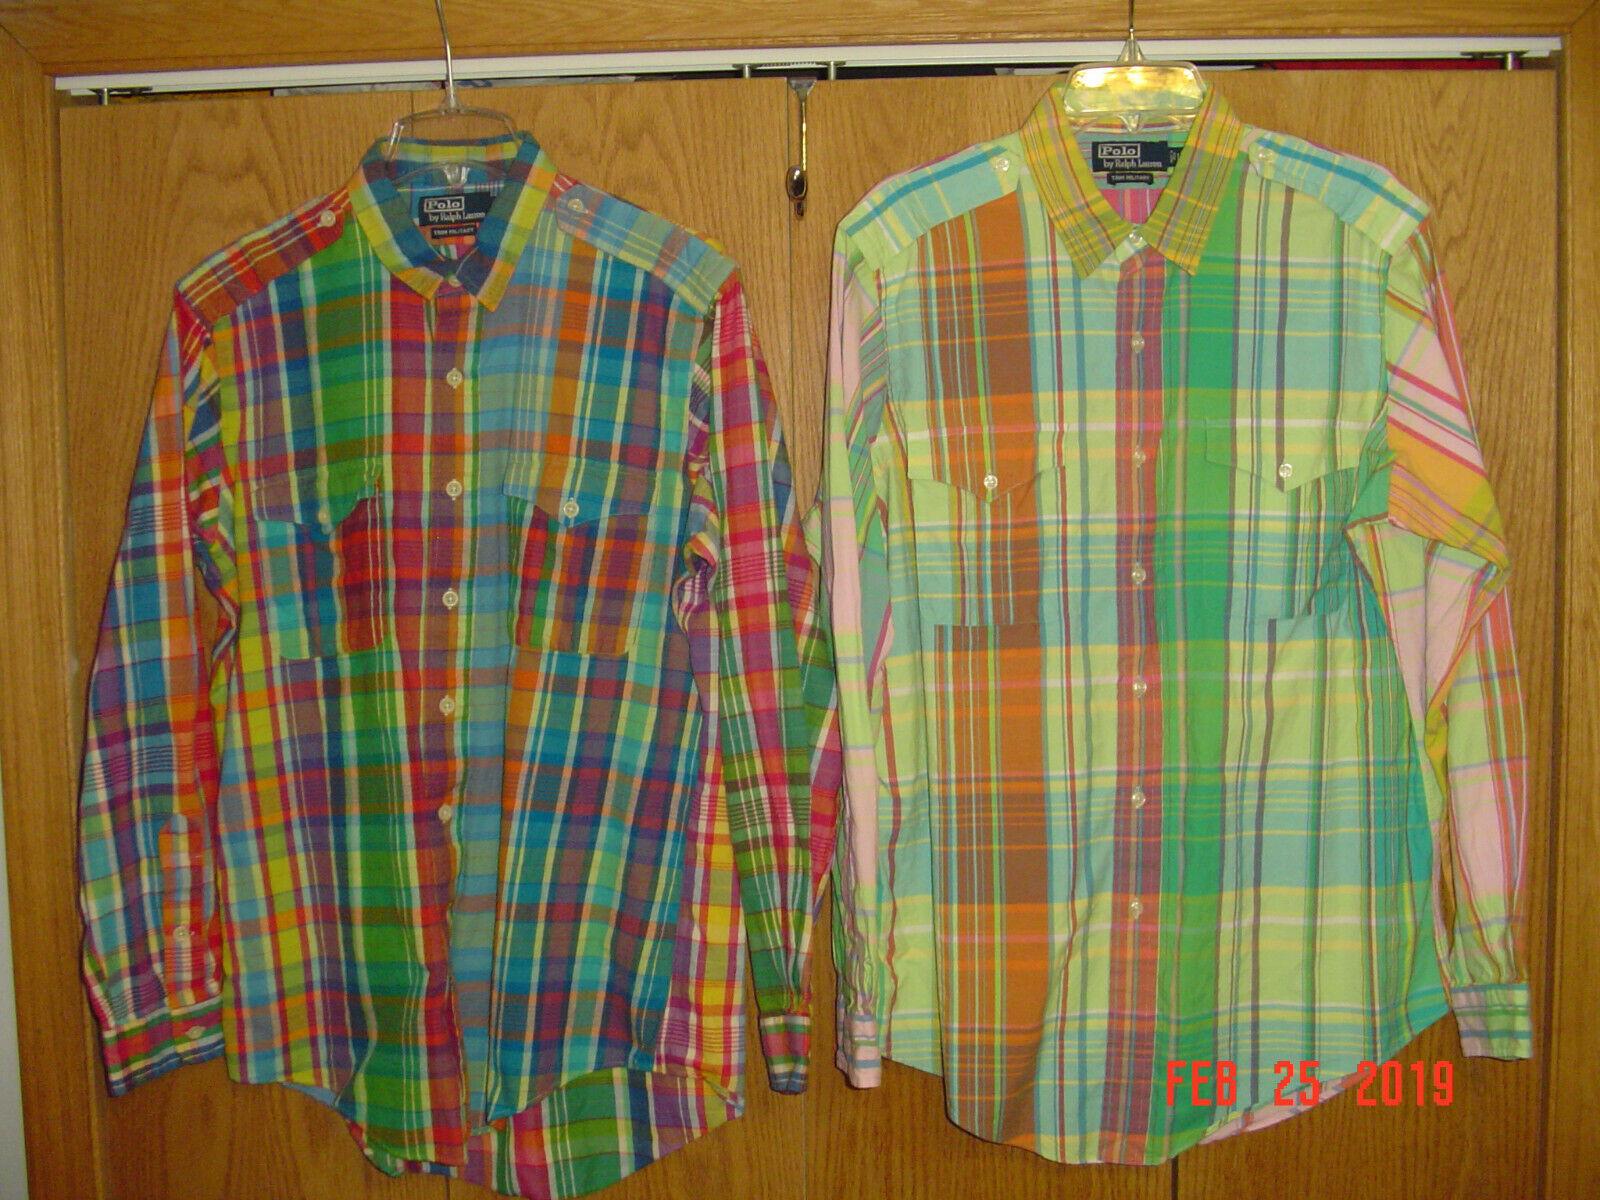 d3c48b5562fe1 Lot 2 Men s POLO RALPH LAUREN TRIM MILITARY Plaid Long Sleeve Shirts Large  P110